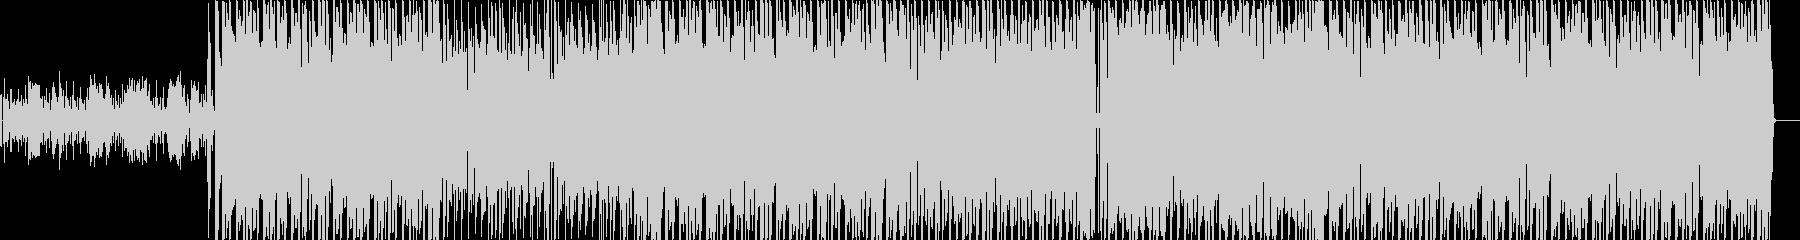 ブラックミュージック系ダンストラックの未再生の波形